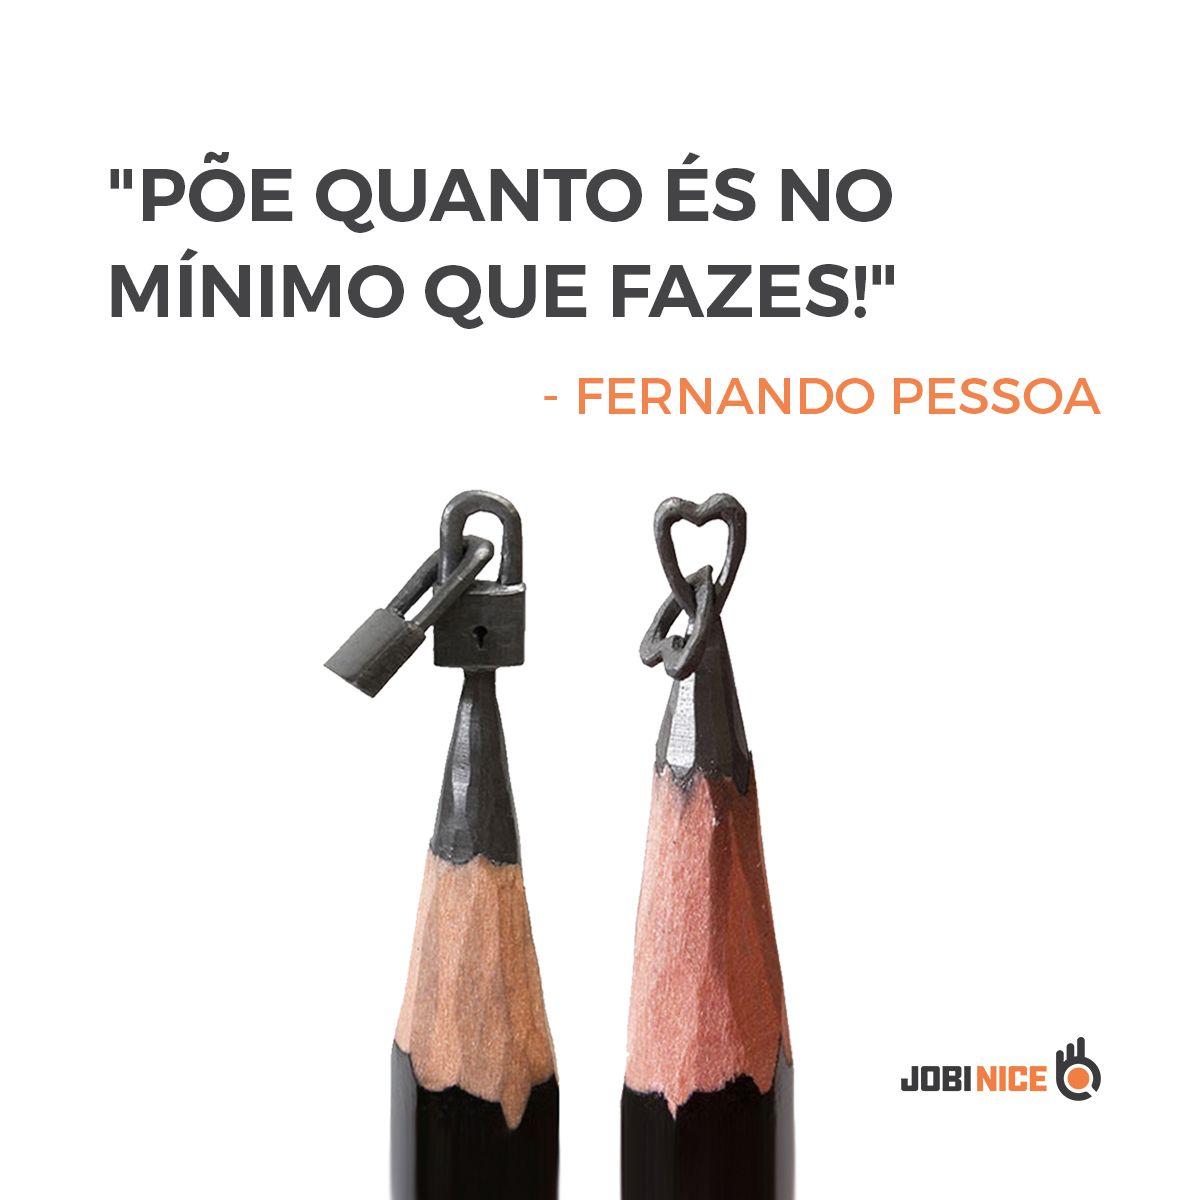 Frases De Fernando Pessoa Jobinice Fernandopessoa Poemas